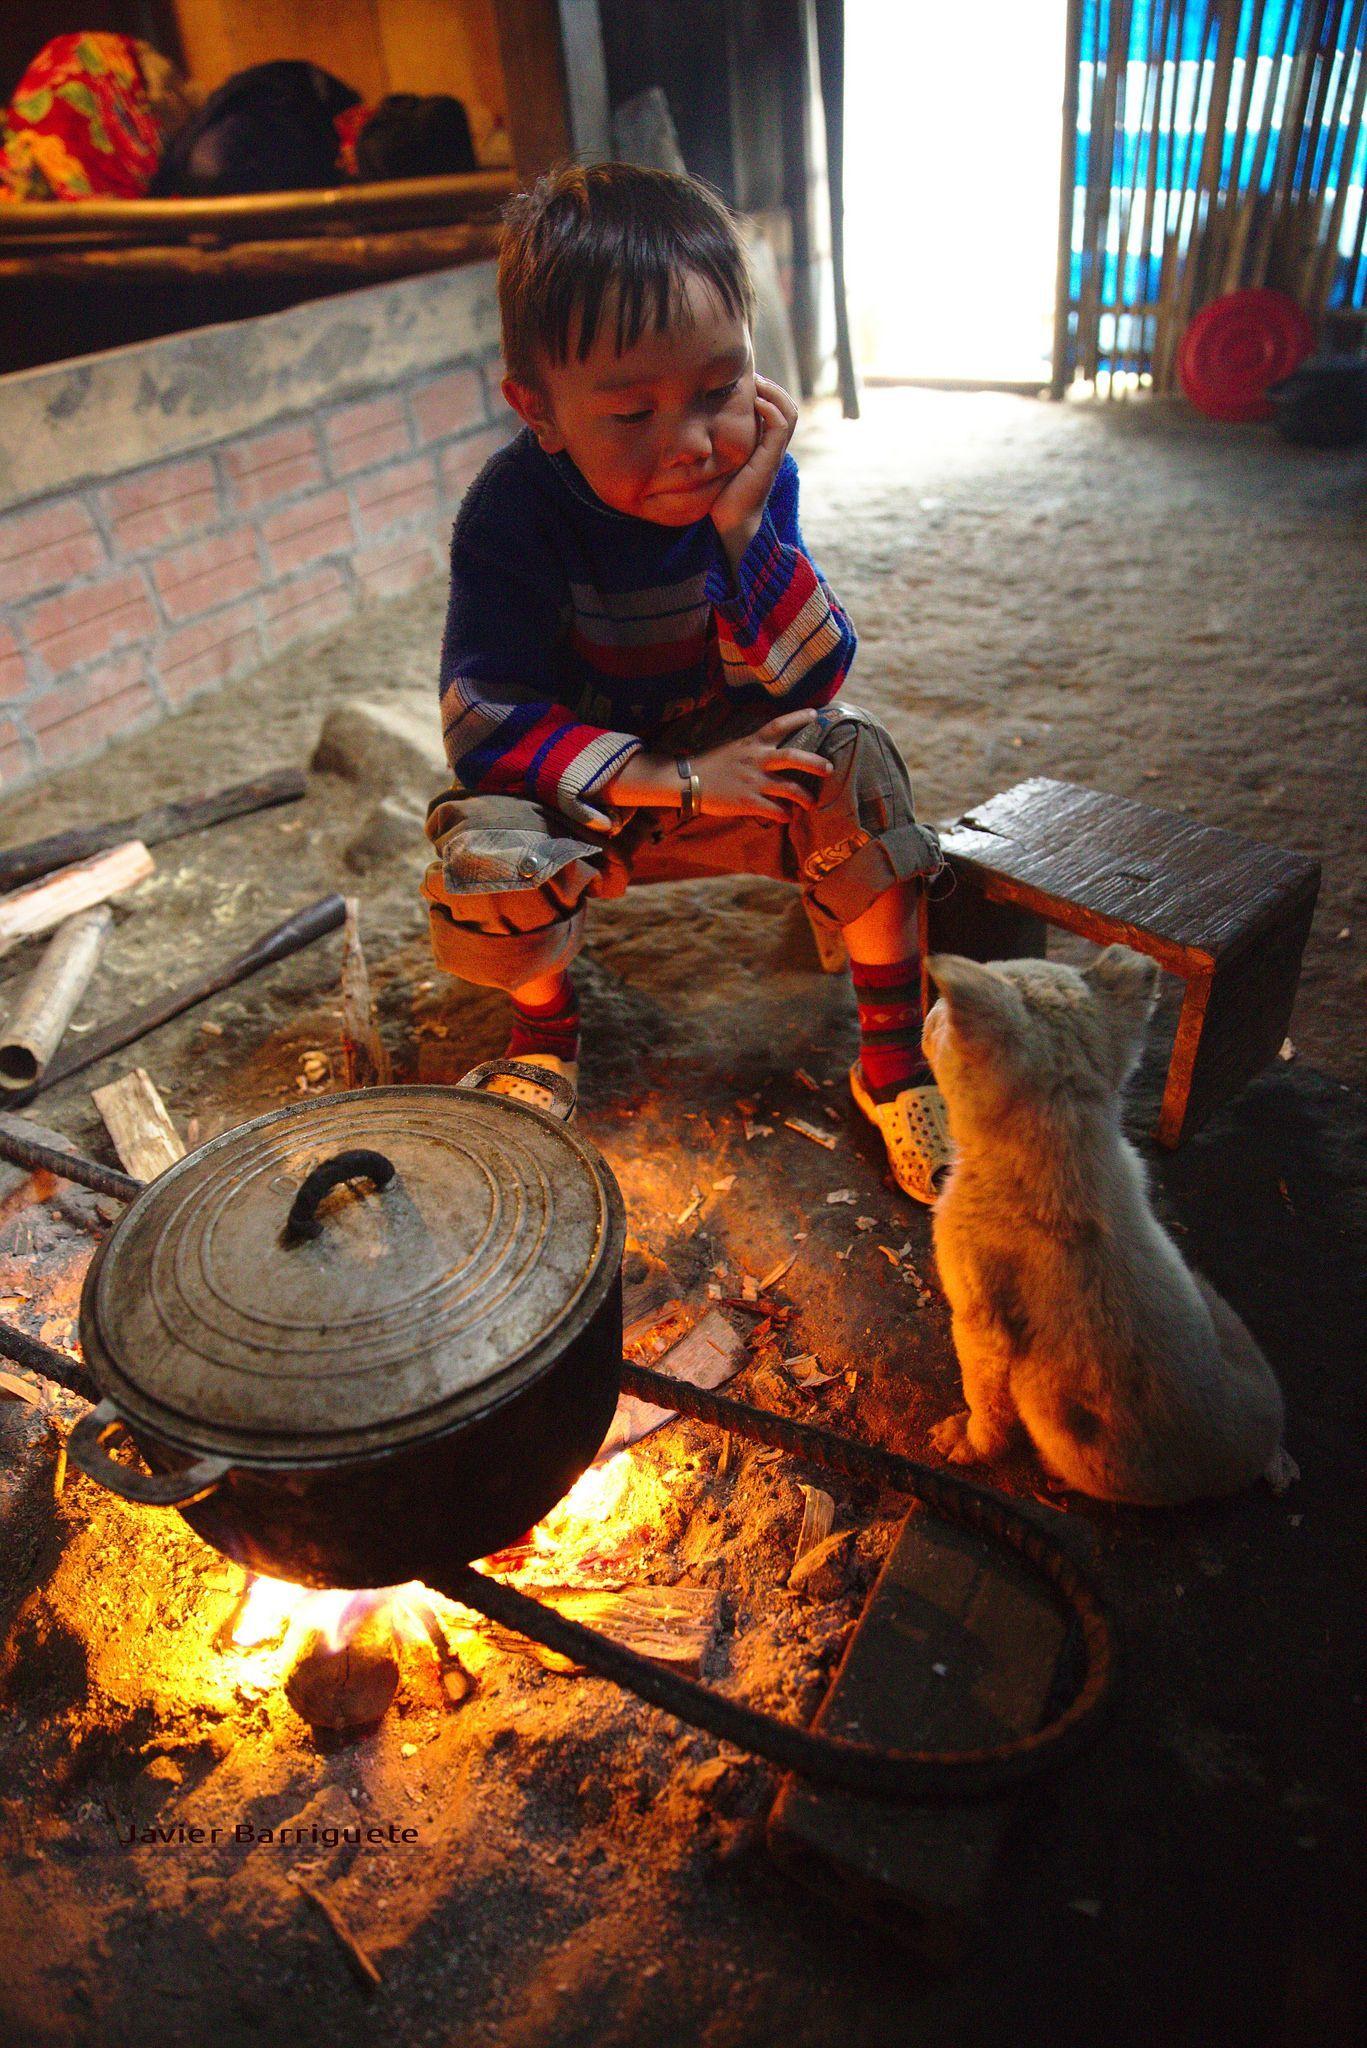 Hình ảnh trẻ em nghèo bên người bạn nhỏ